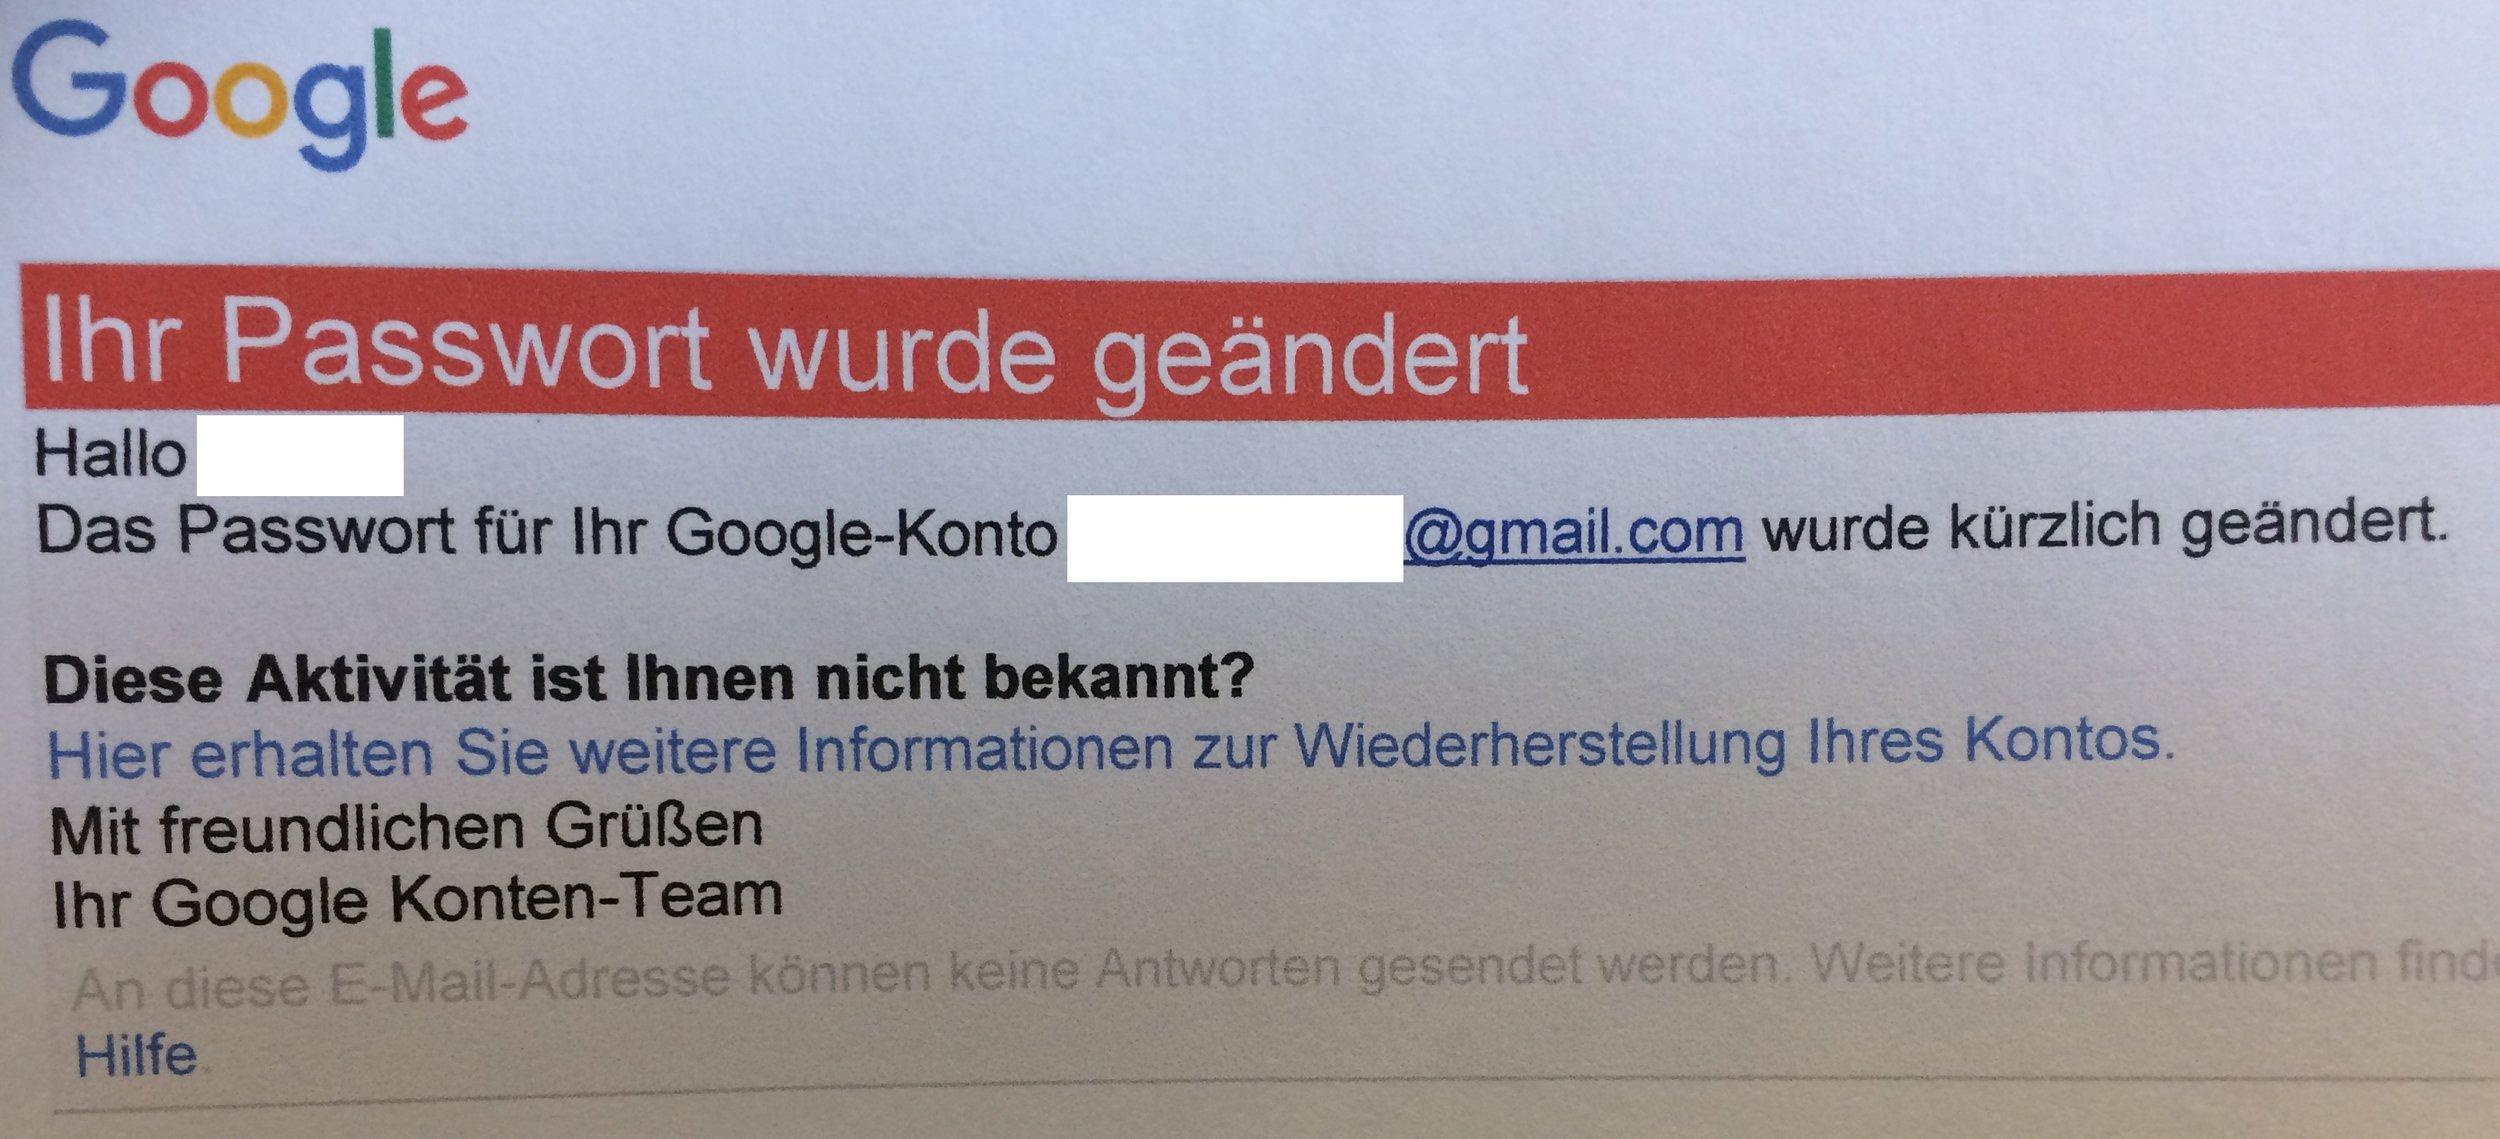 Google Kennwort-Wiederherstellung Nachricht